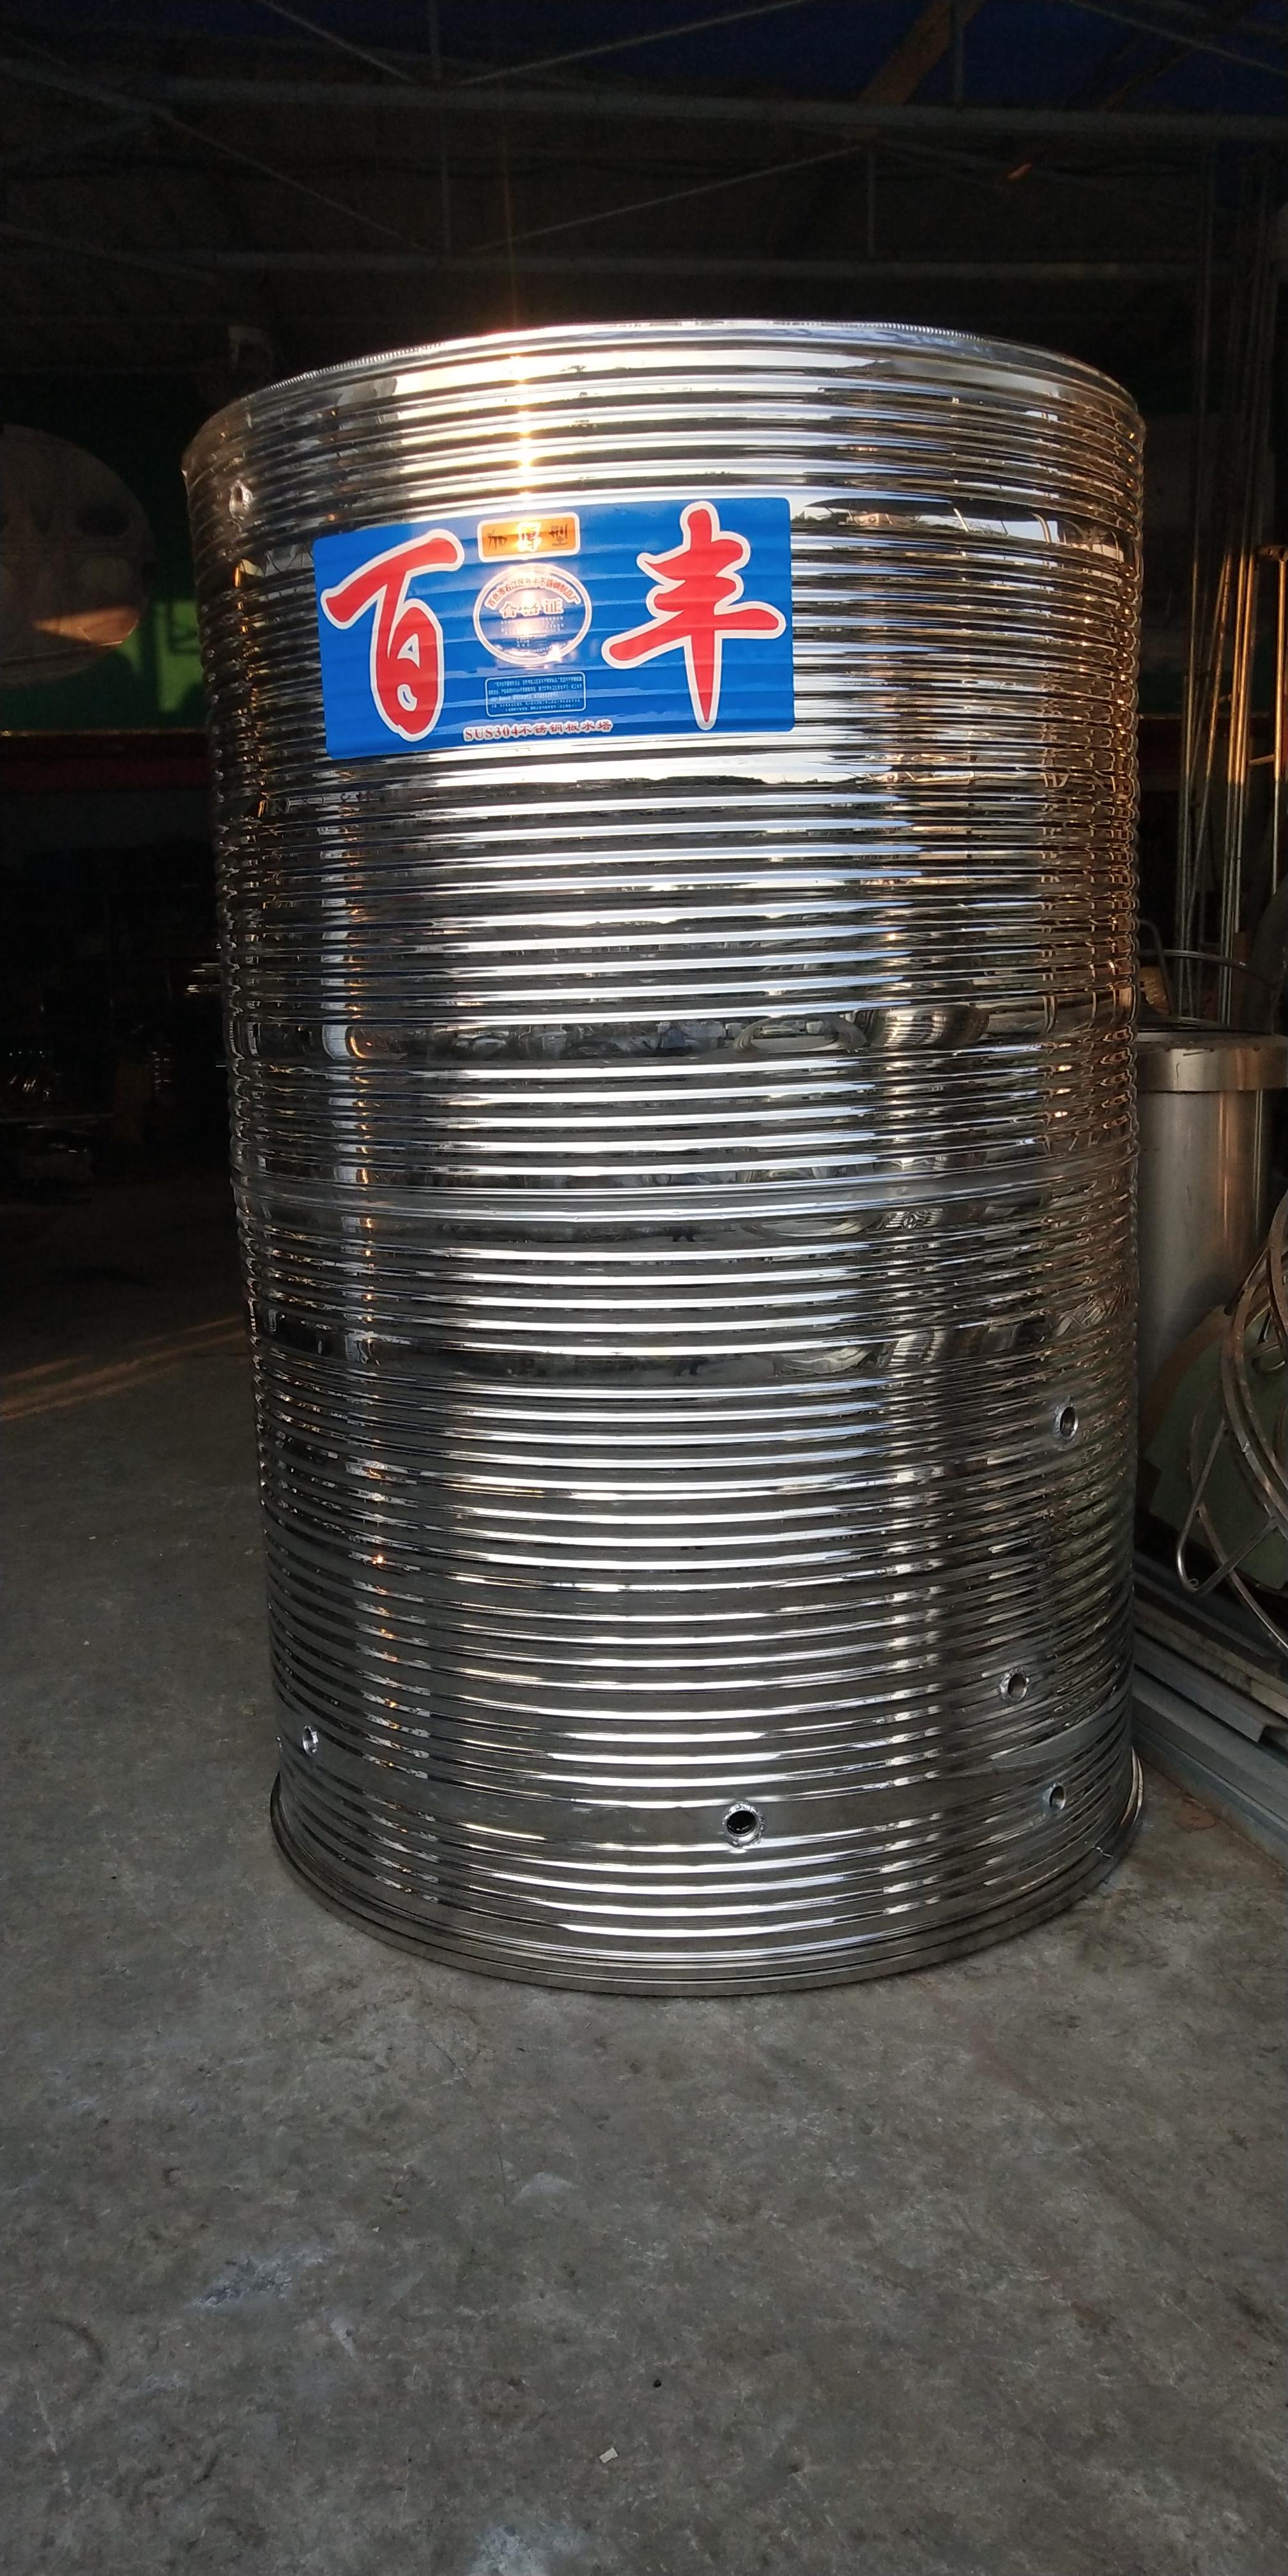 百色不锈钢保温水箱厂家直销,百色专业加工不锈钢保温水箱厂家电话,百色不锈钢保温水箱定做电话